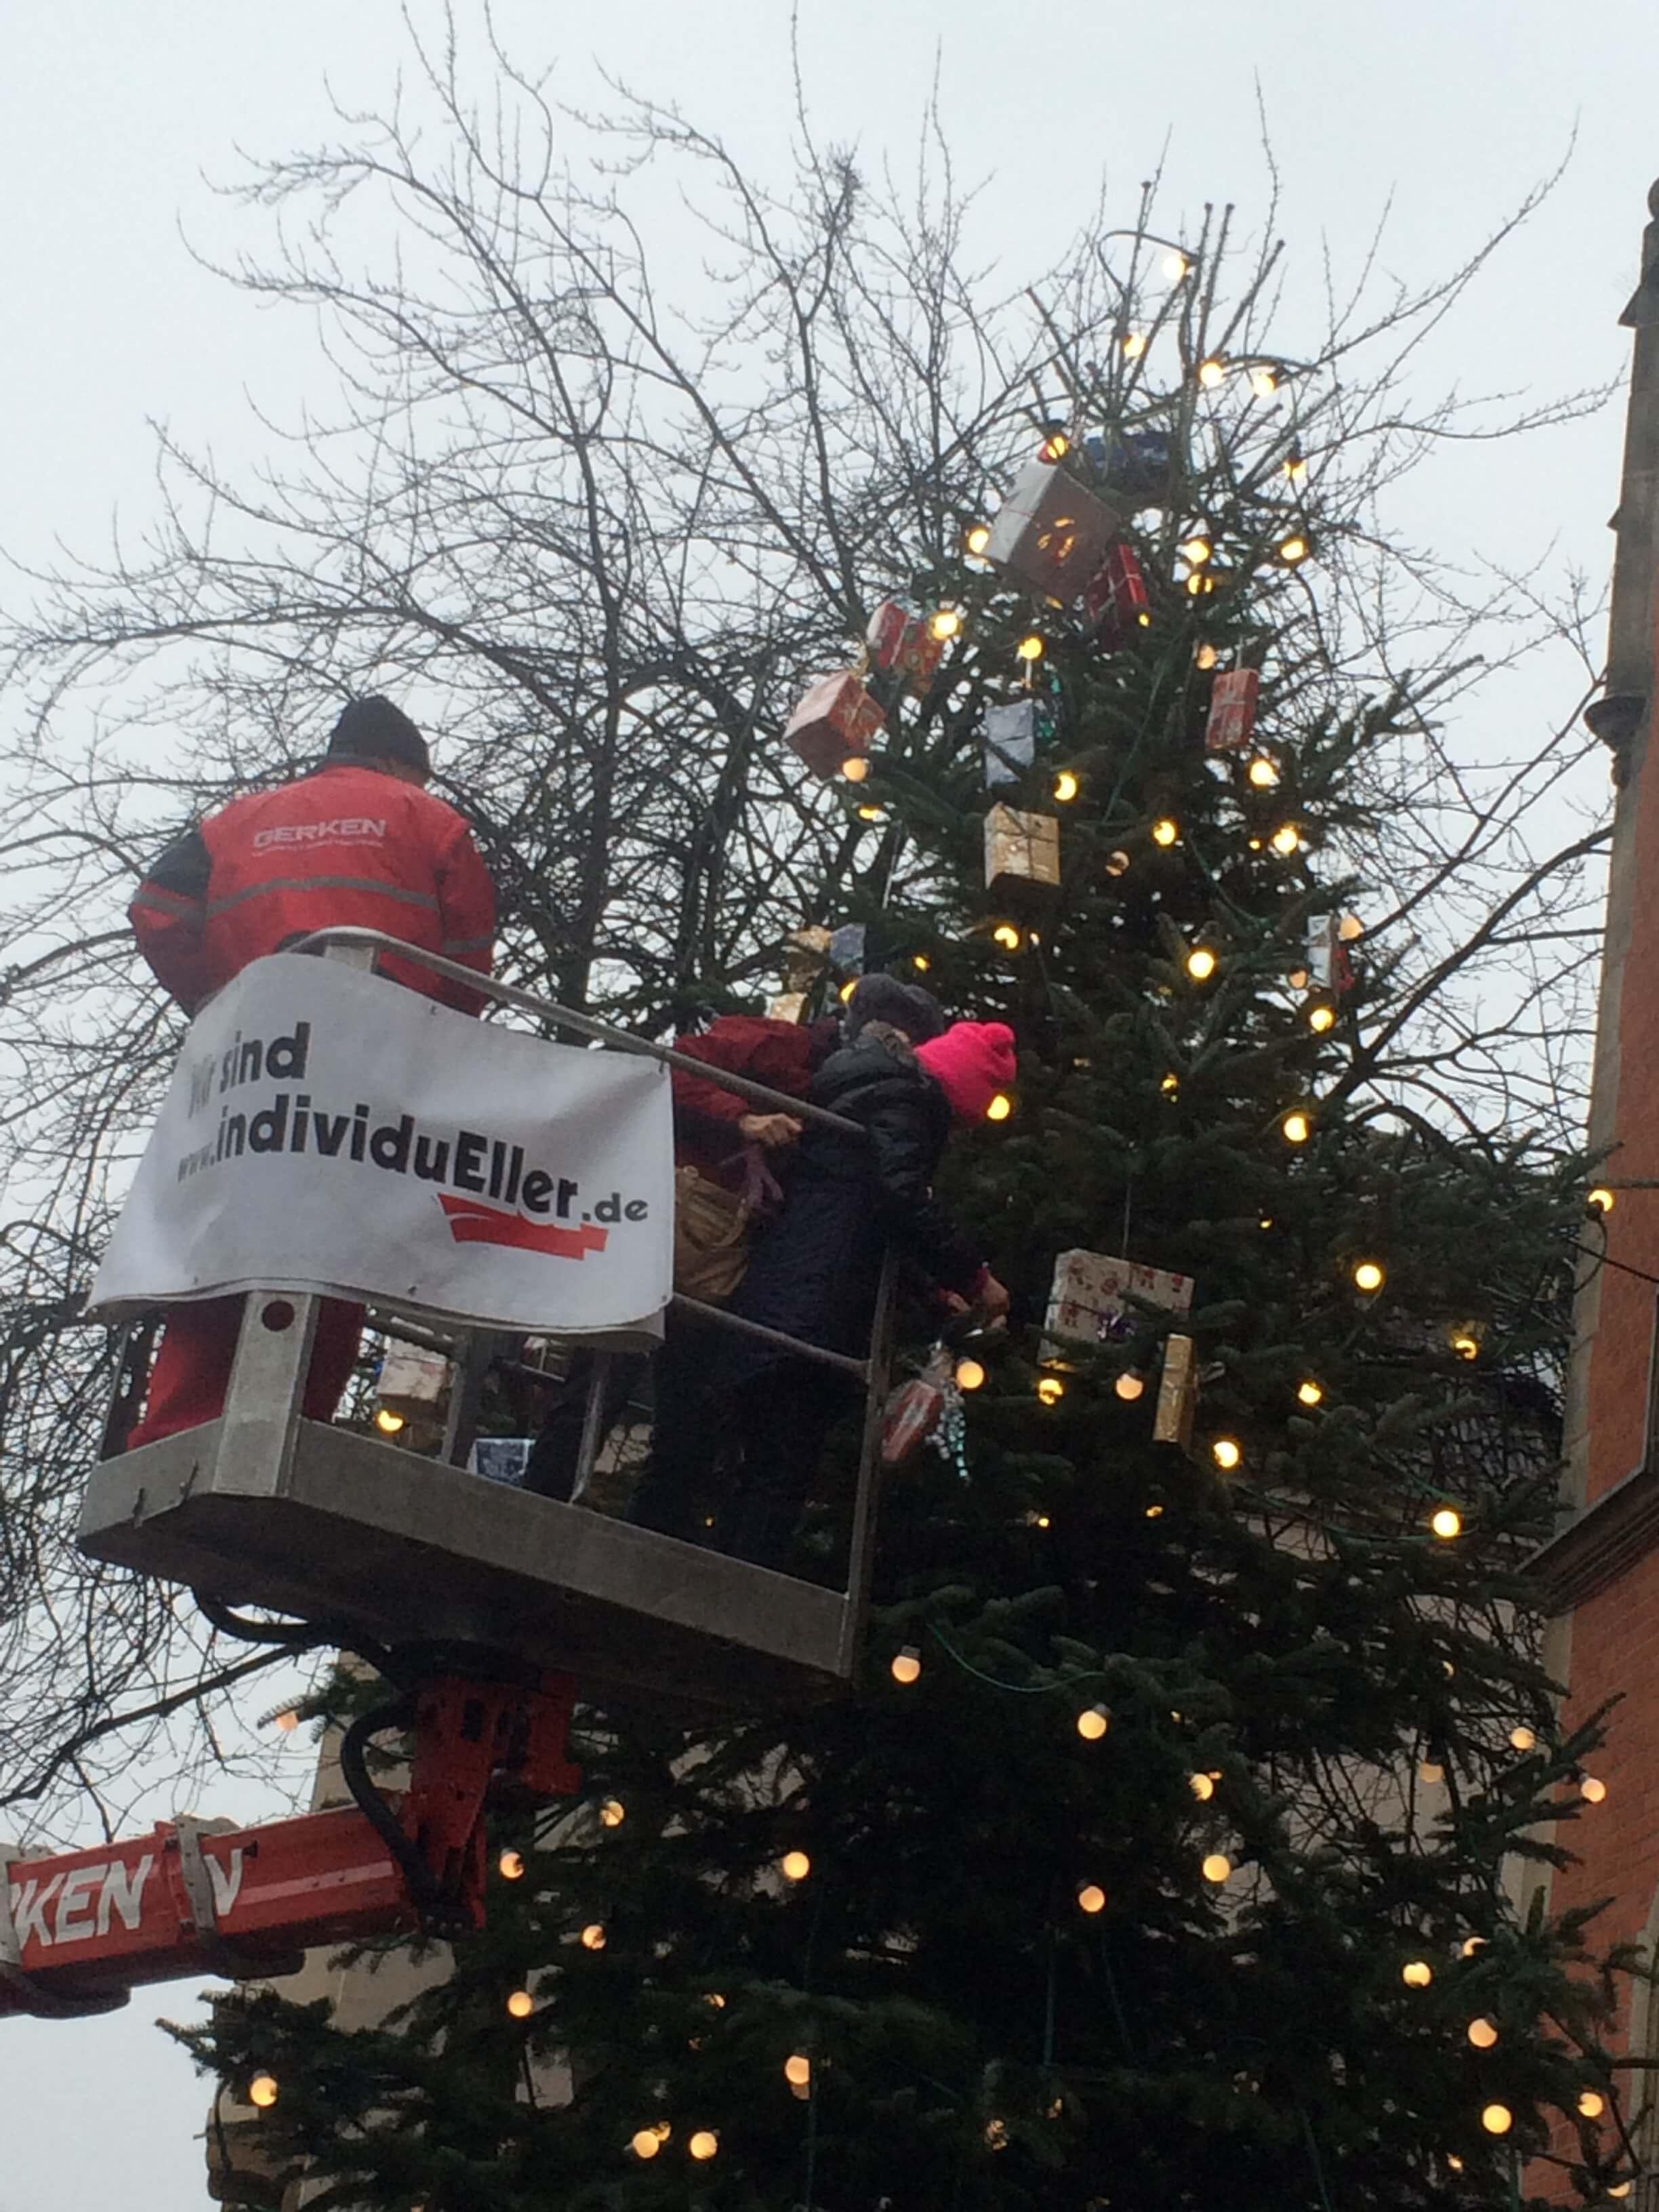 Weihnachtsbaumschmücken vor dem Rathaus